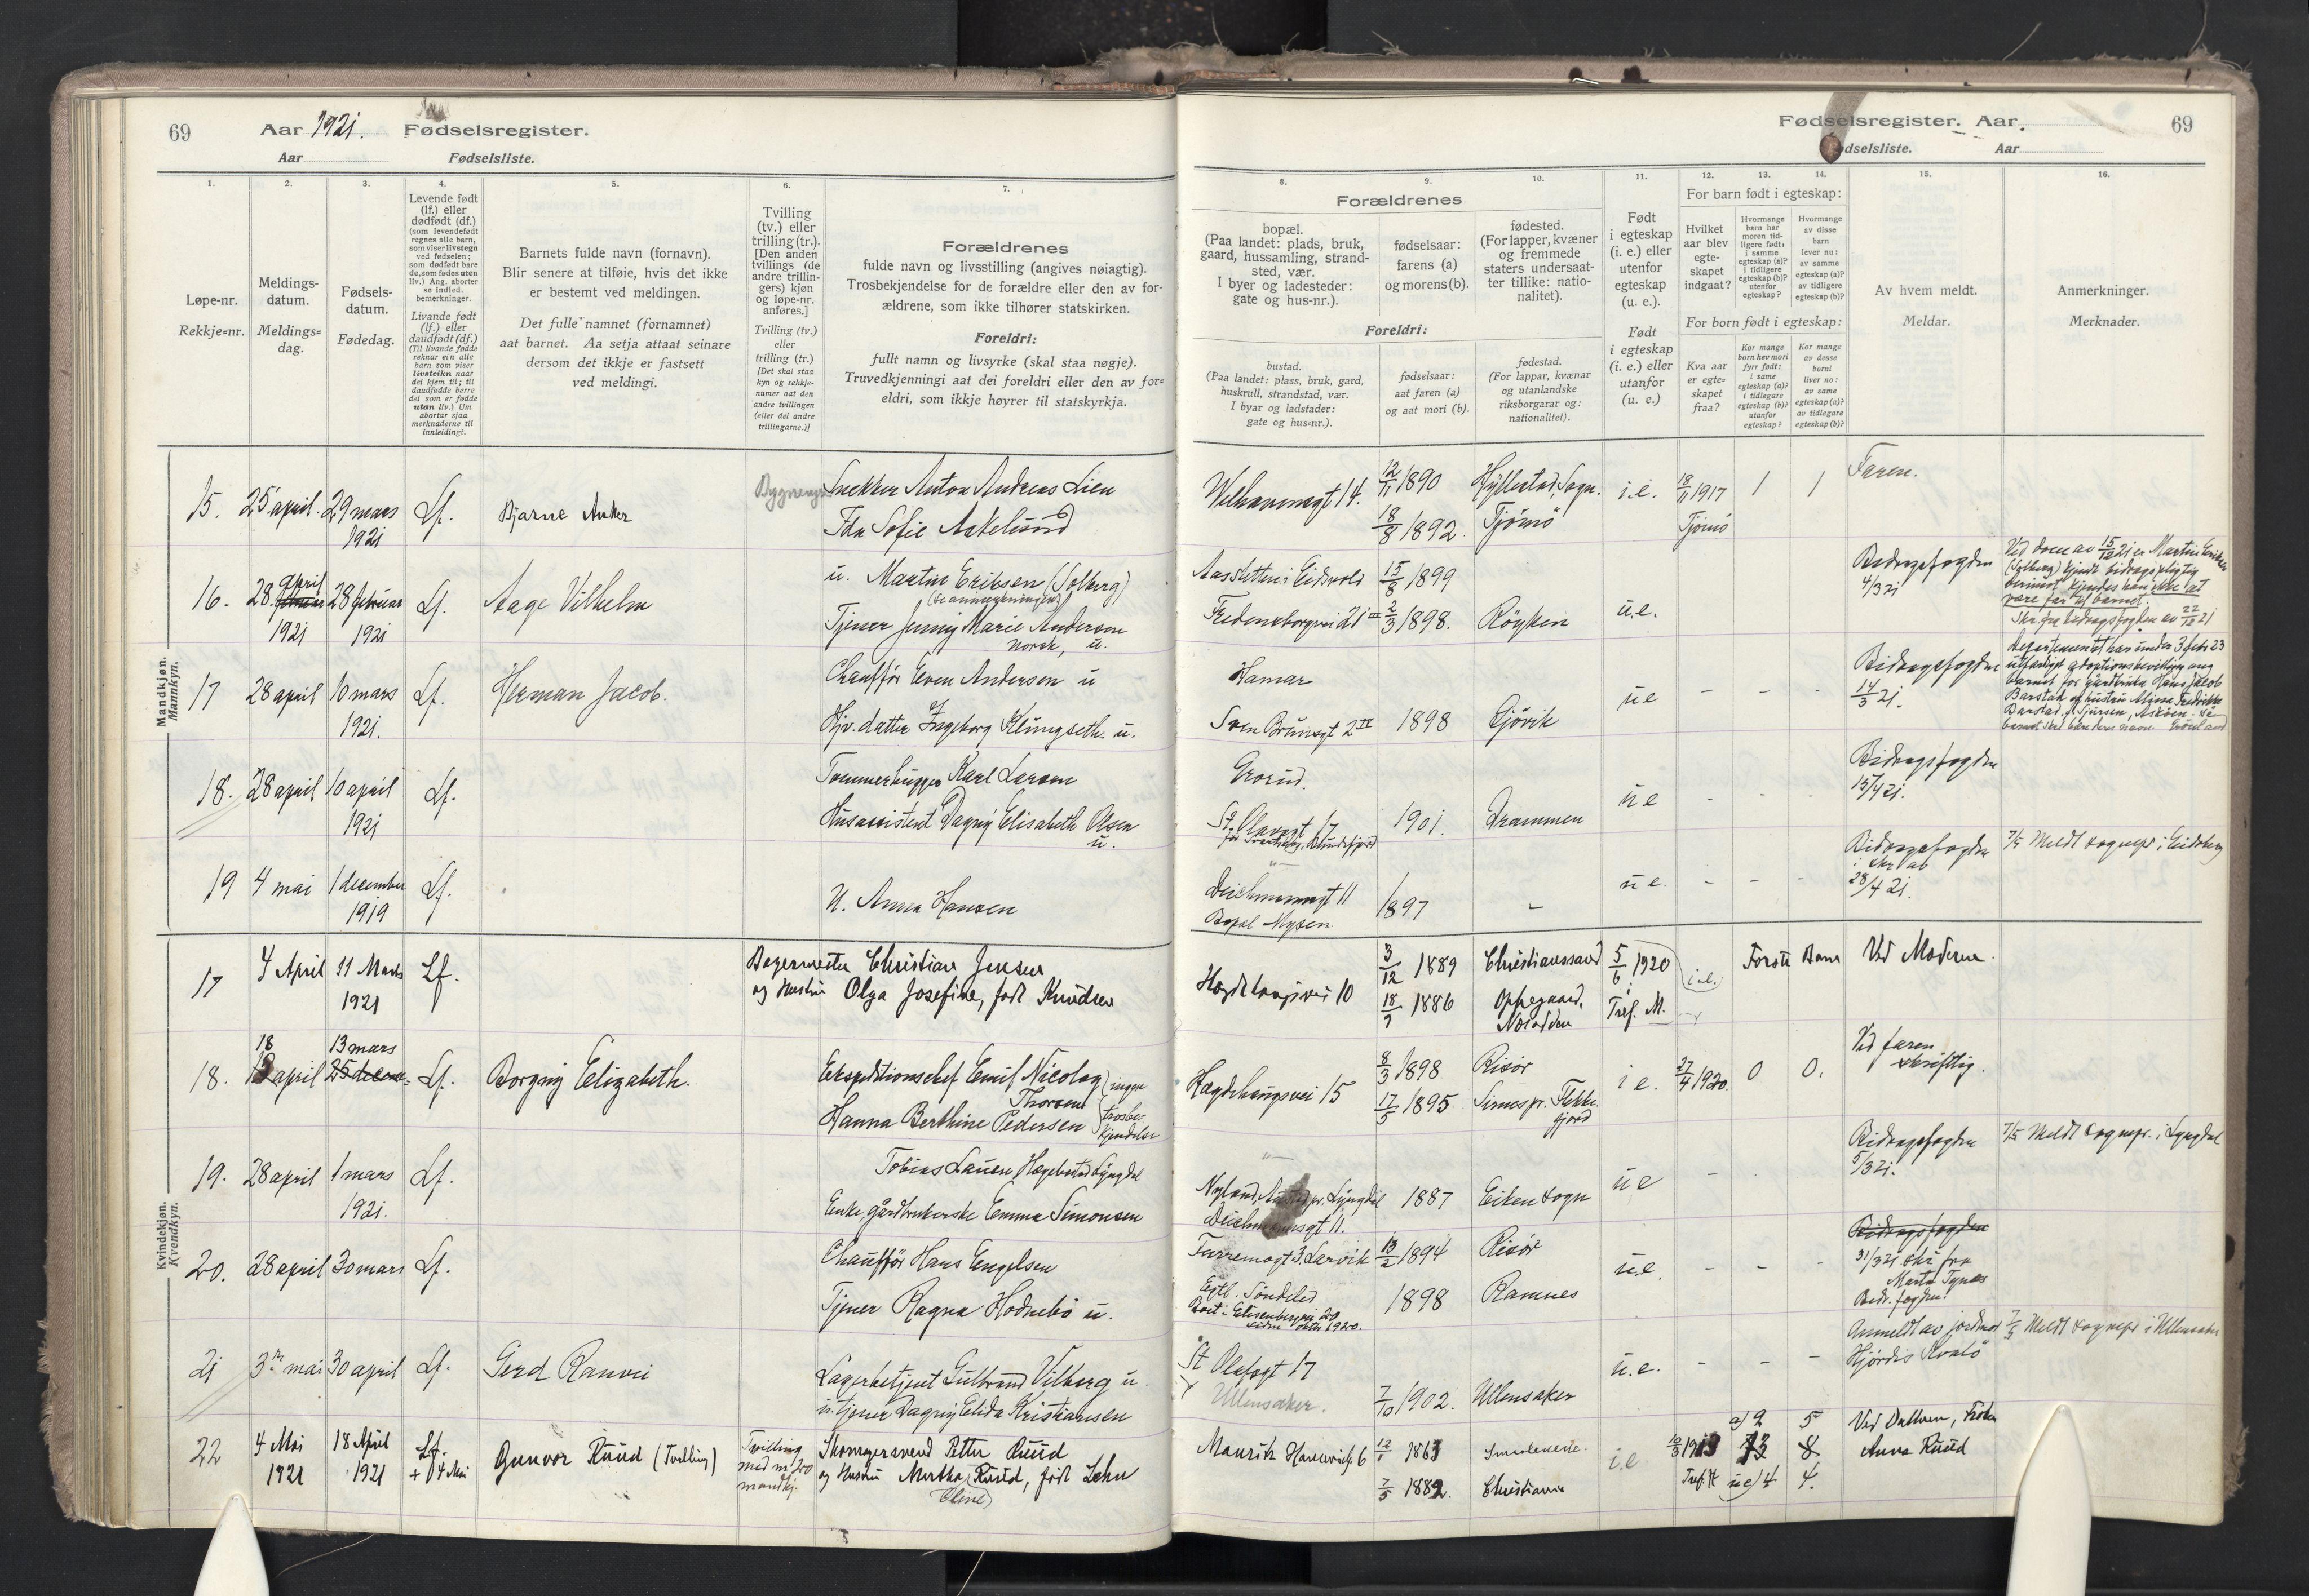 SAO, Trefoldighet prestekontor Kirkebøker, J/Ja/L0001: Fødselsregister nr. 1, 1916-1931, s. 69